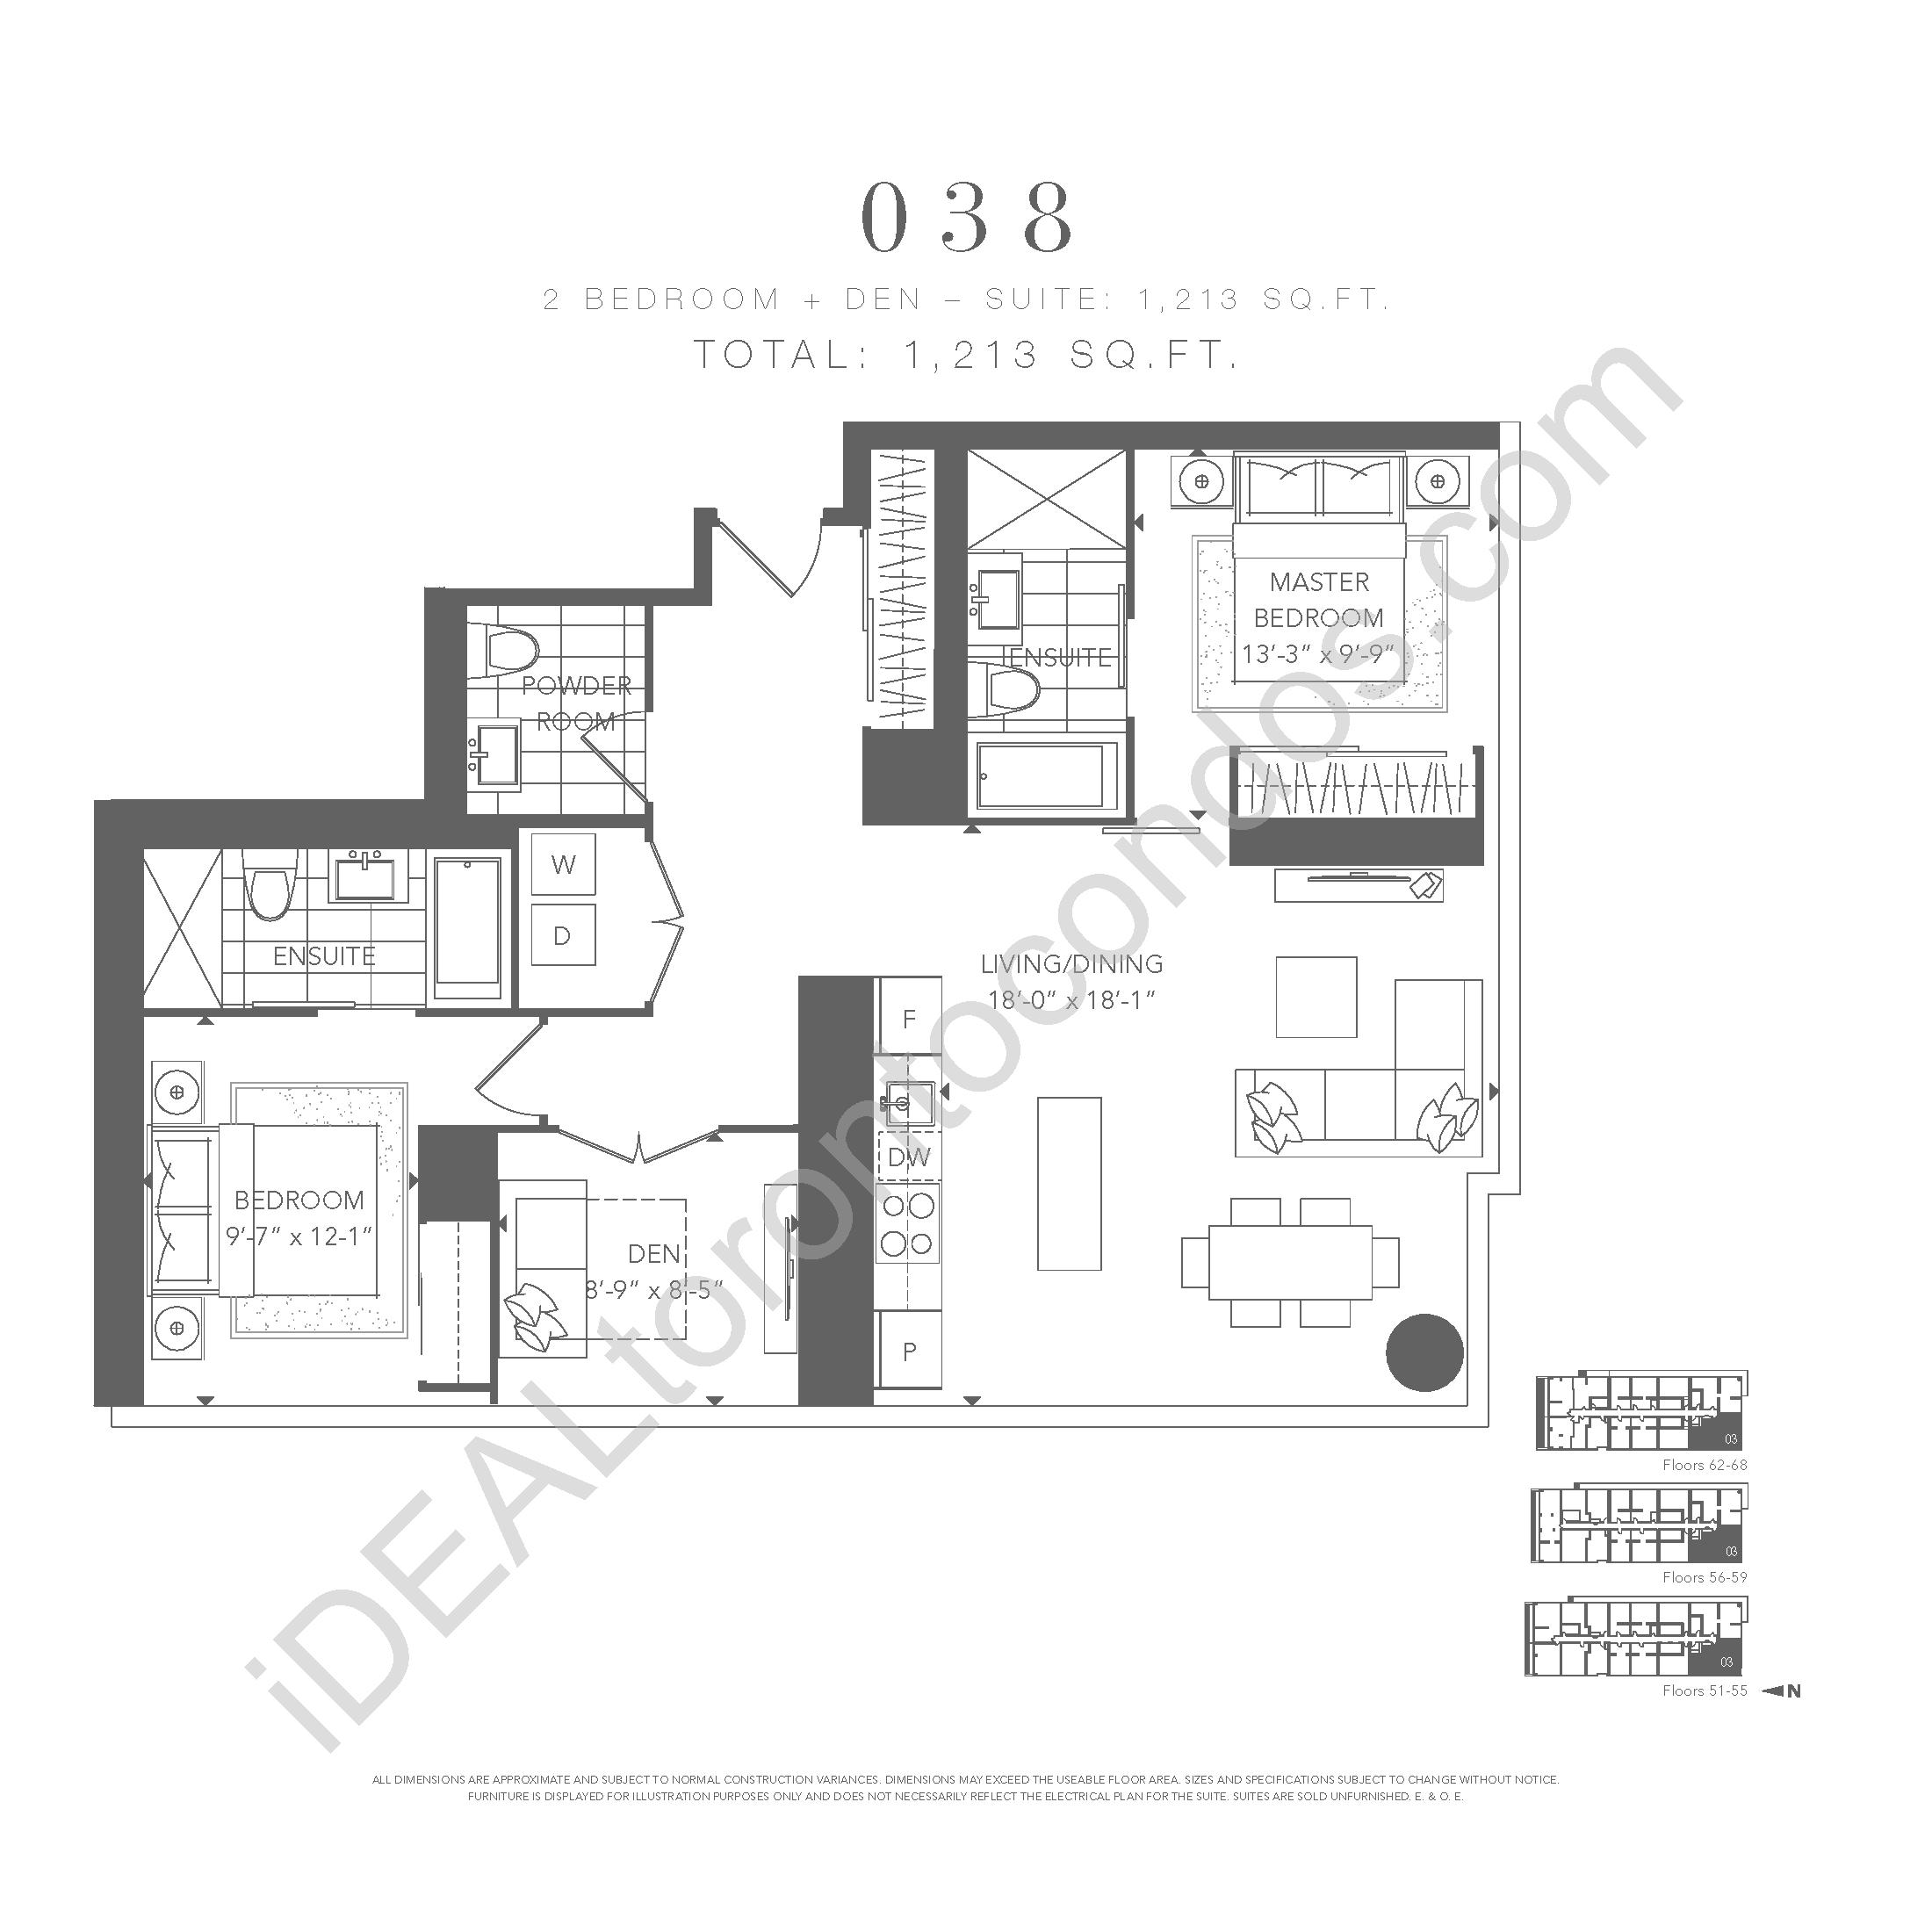 2 bedroom + den 038